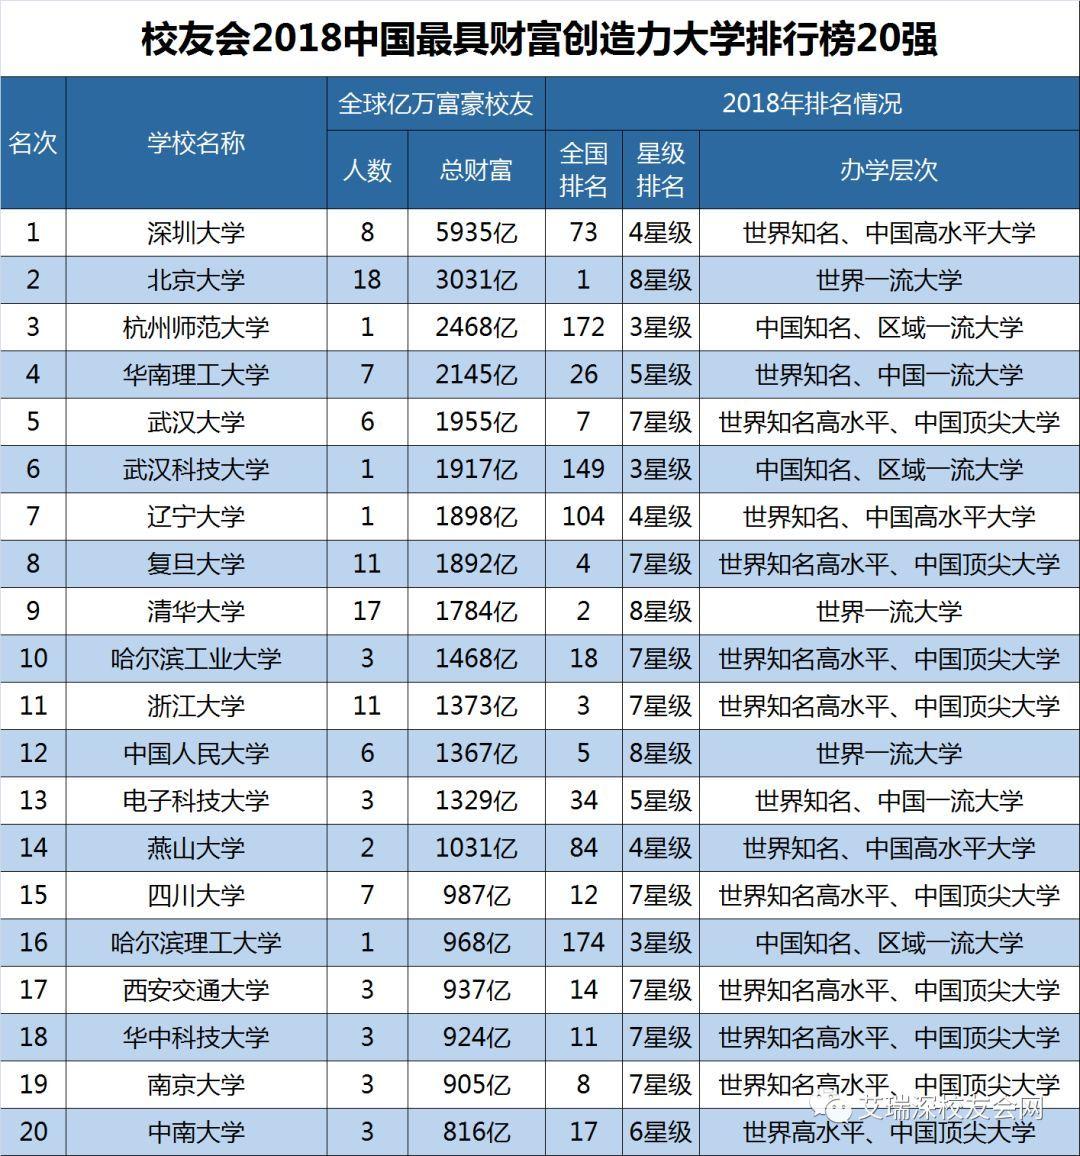 2018大学排行_2018最新大学排行榜发布 Top100排名竟然出人意料